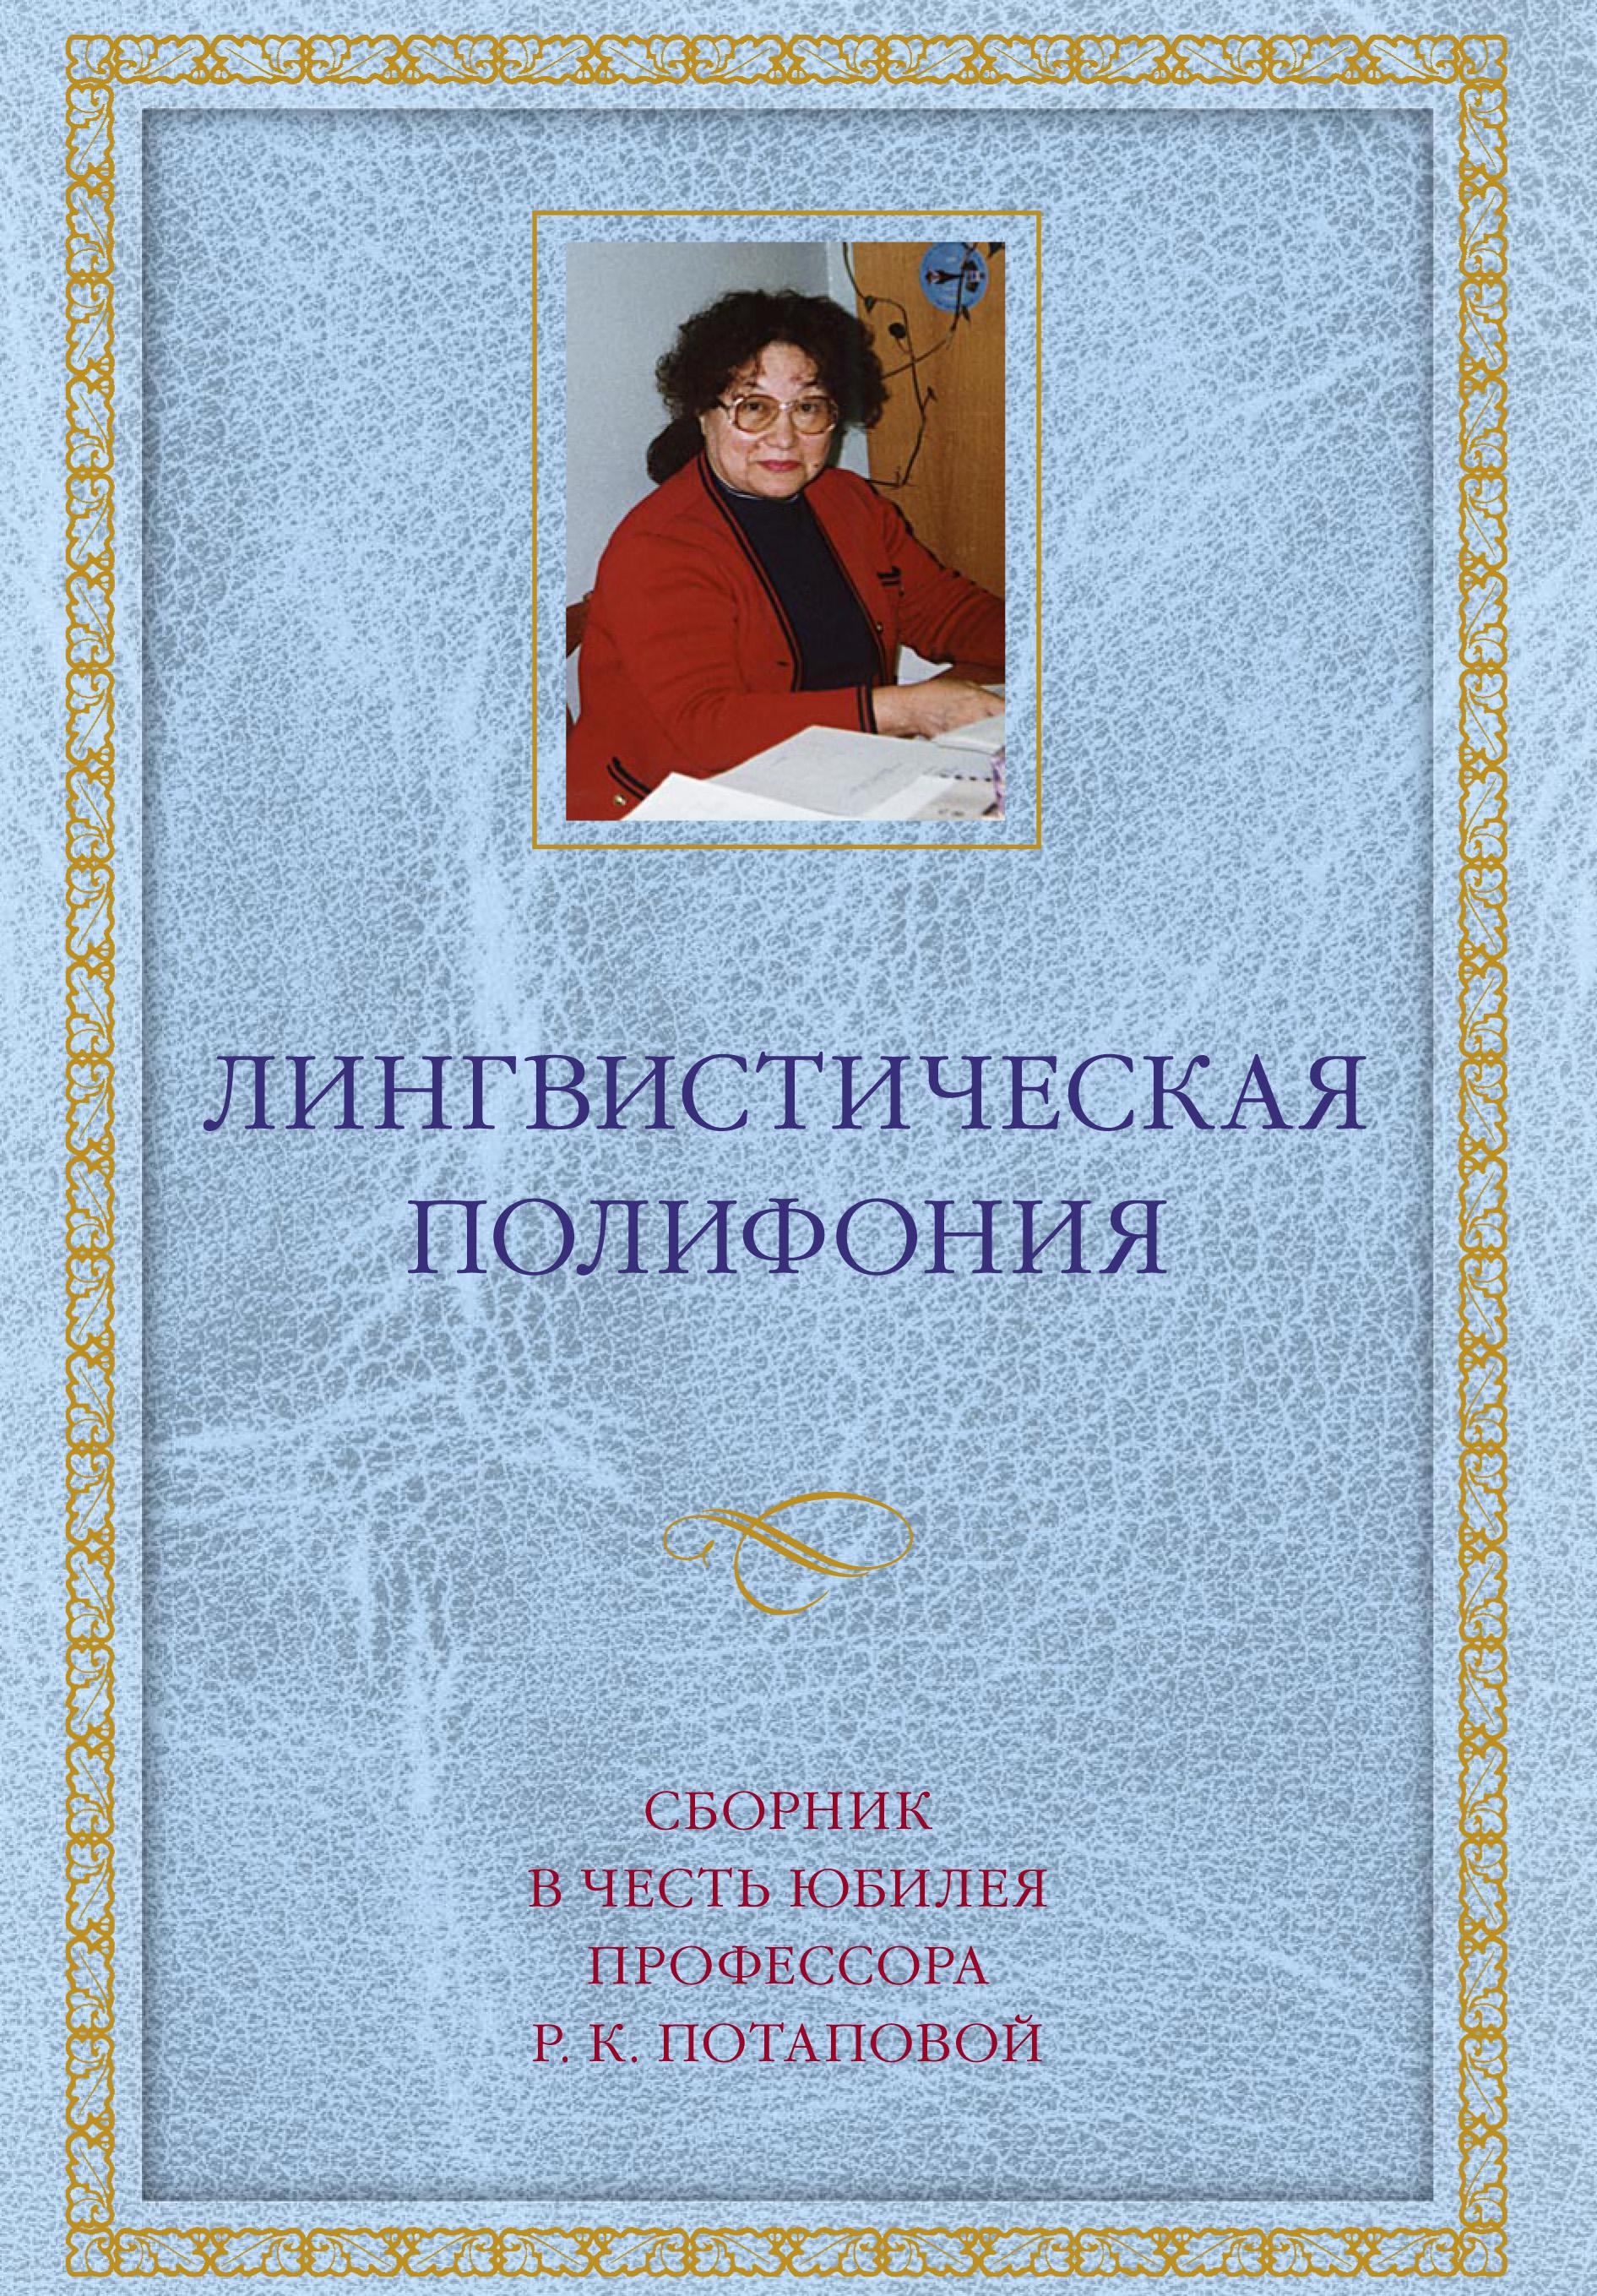 Лингвистическая полифония. Сборник статей в честь юбилея профессора Р. К. Потаповой